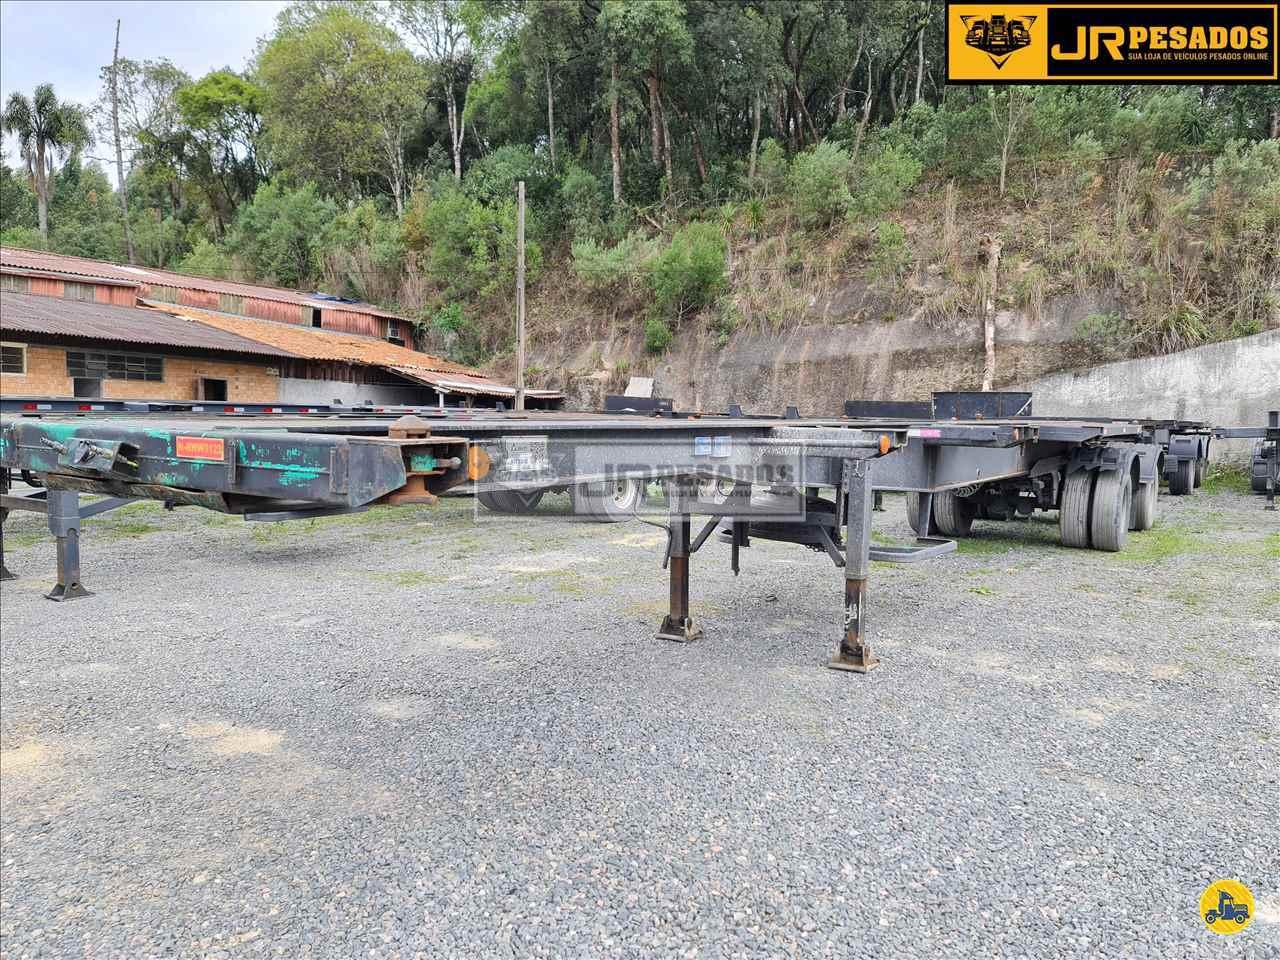 CONTAINER de JR Pesados - CURITIBA/PR